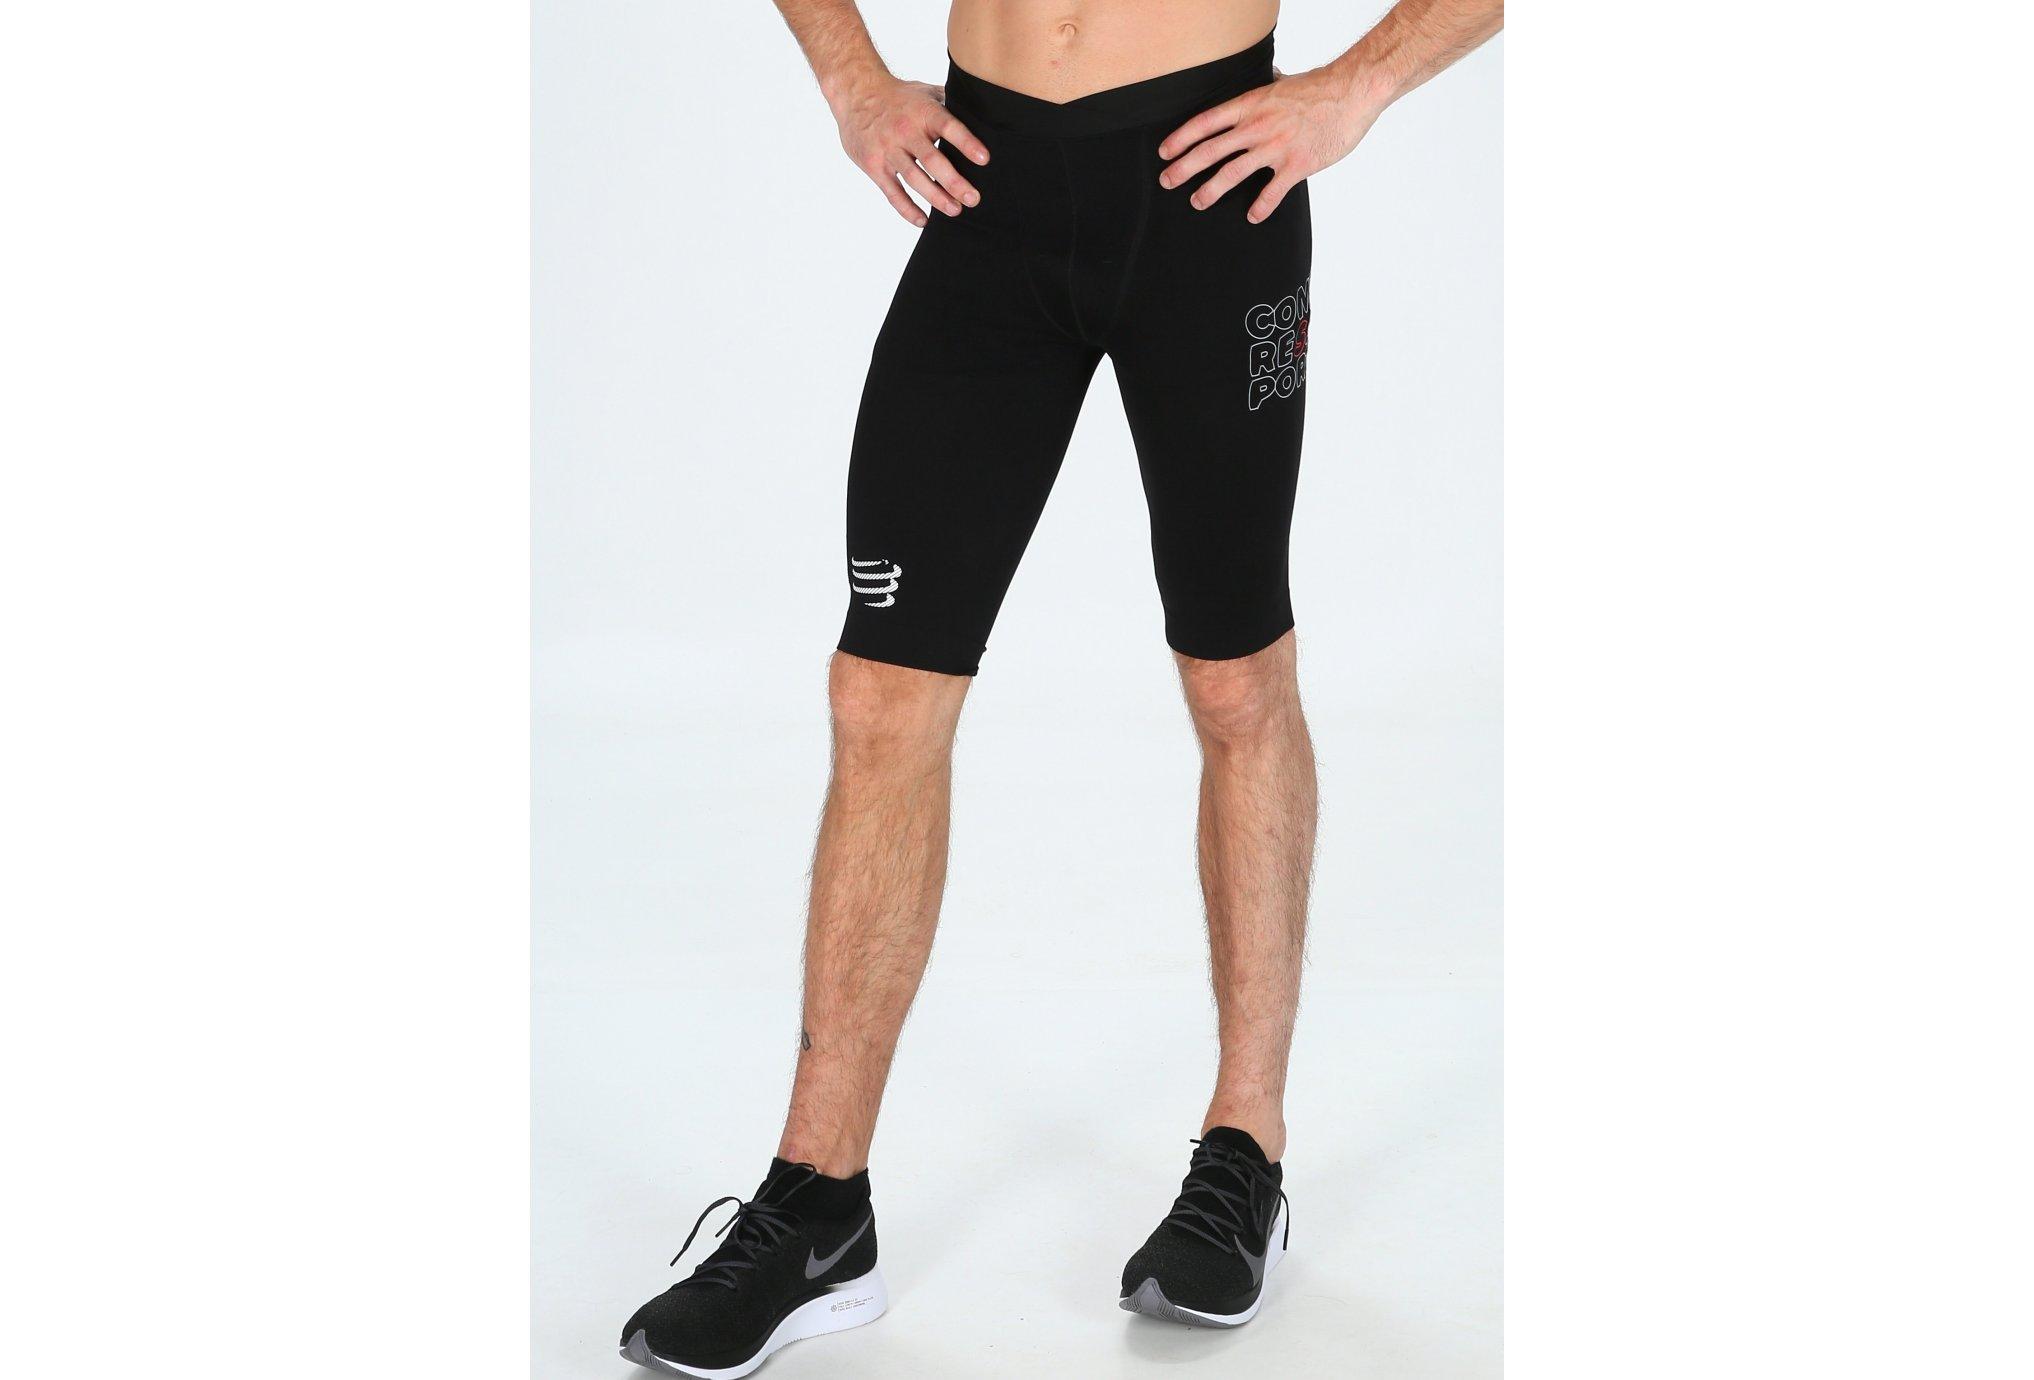 Compressport Run Under Control M Diététique Vêtements homme